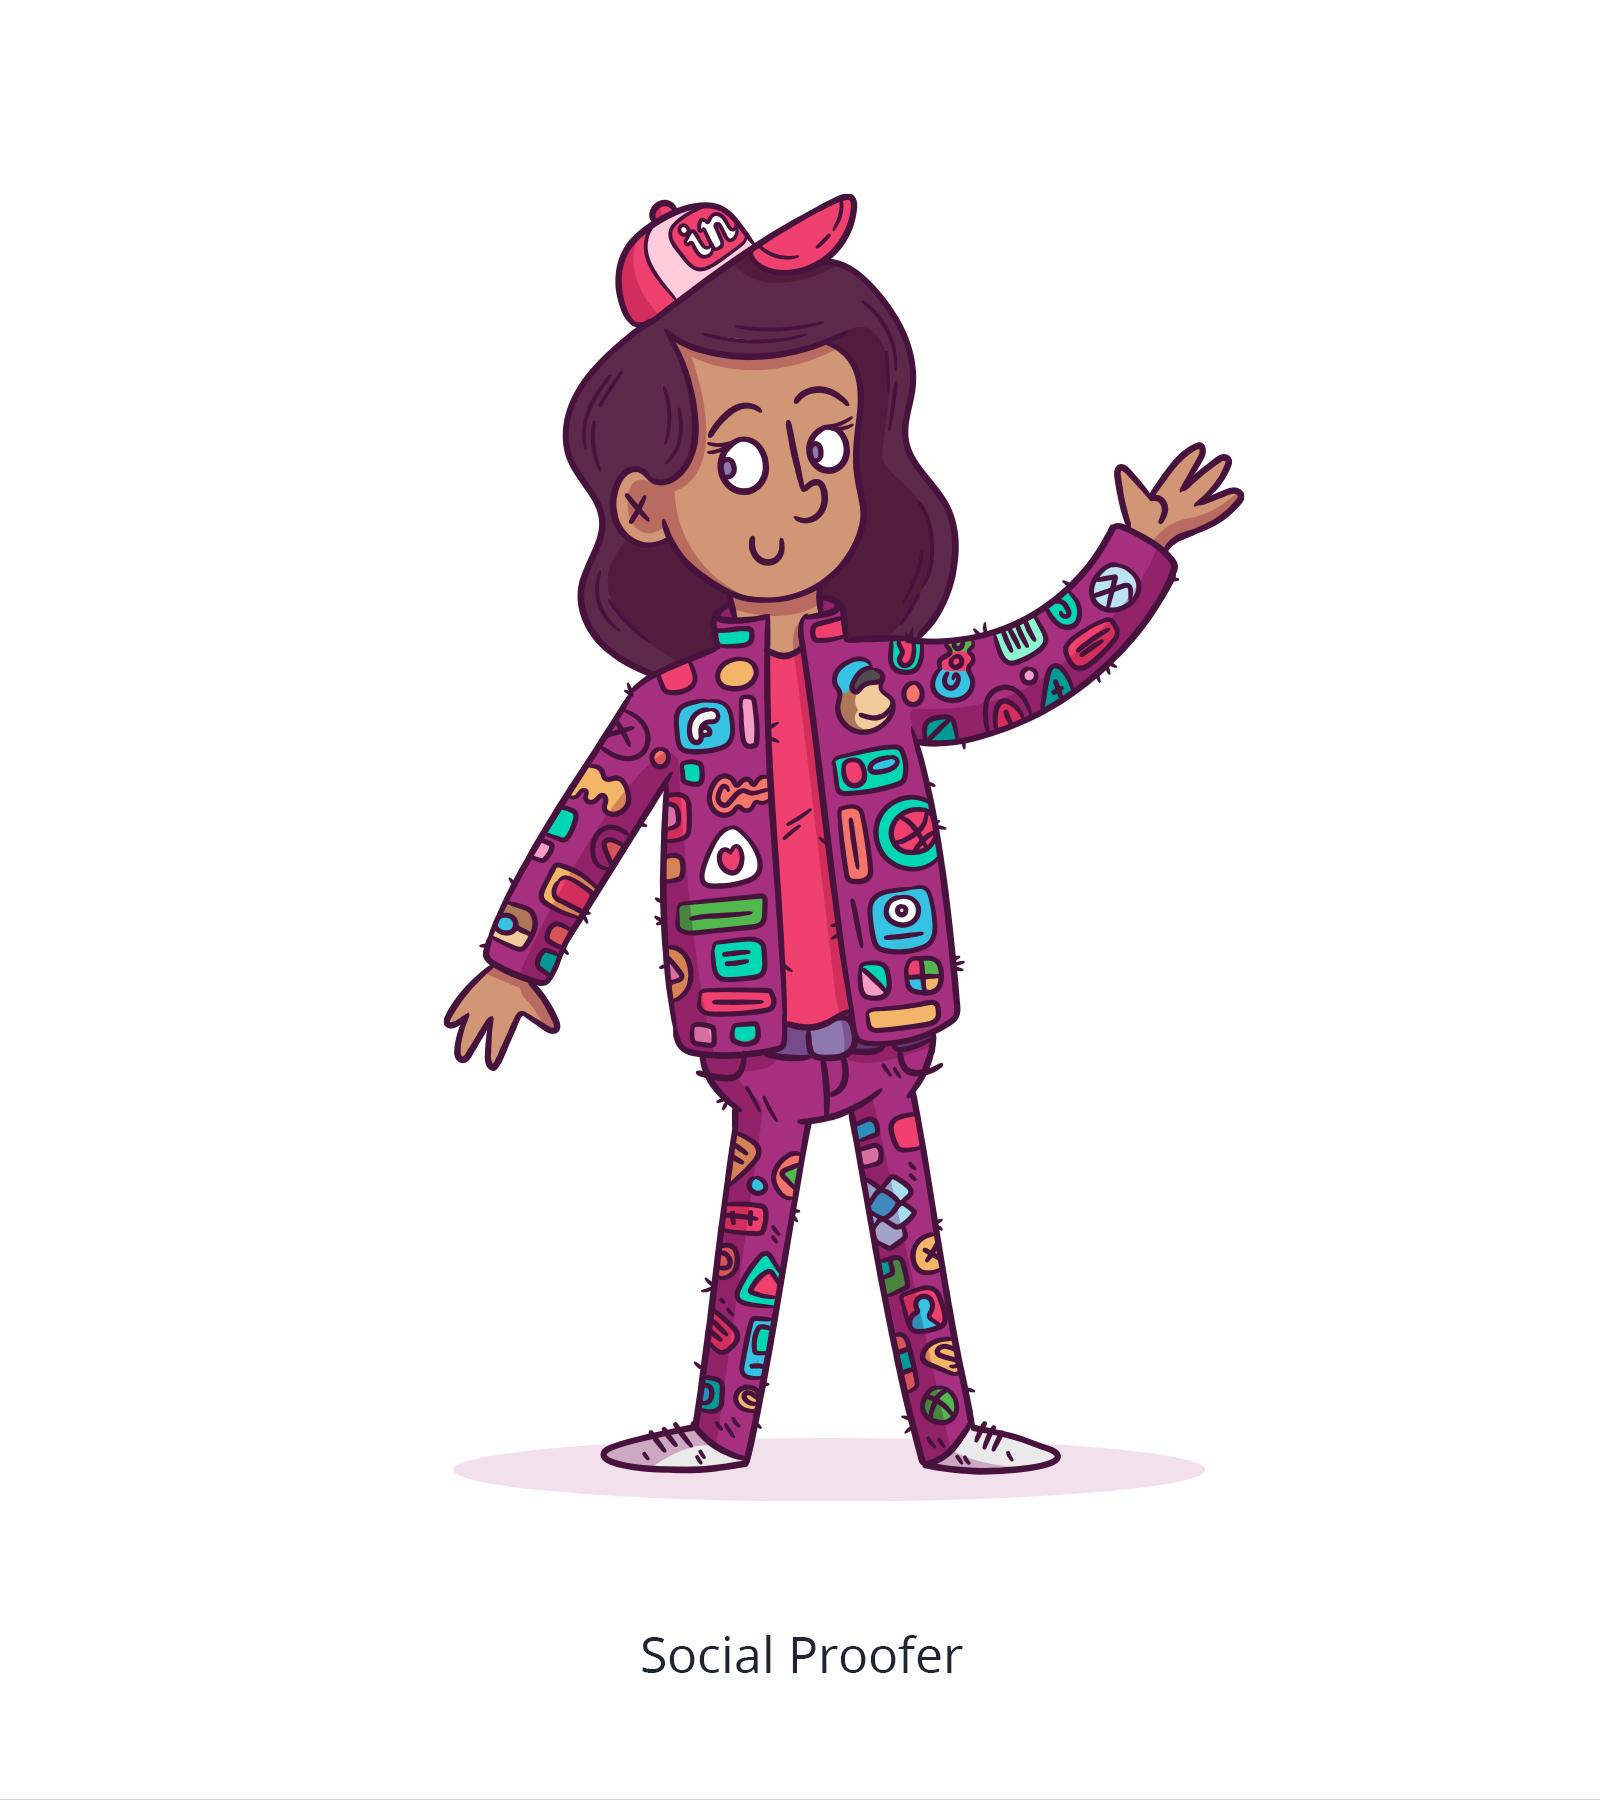 Social Proofer